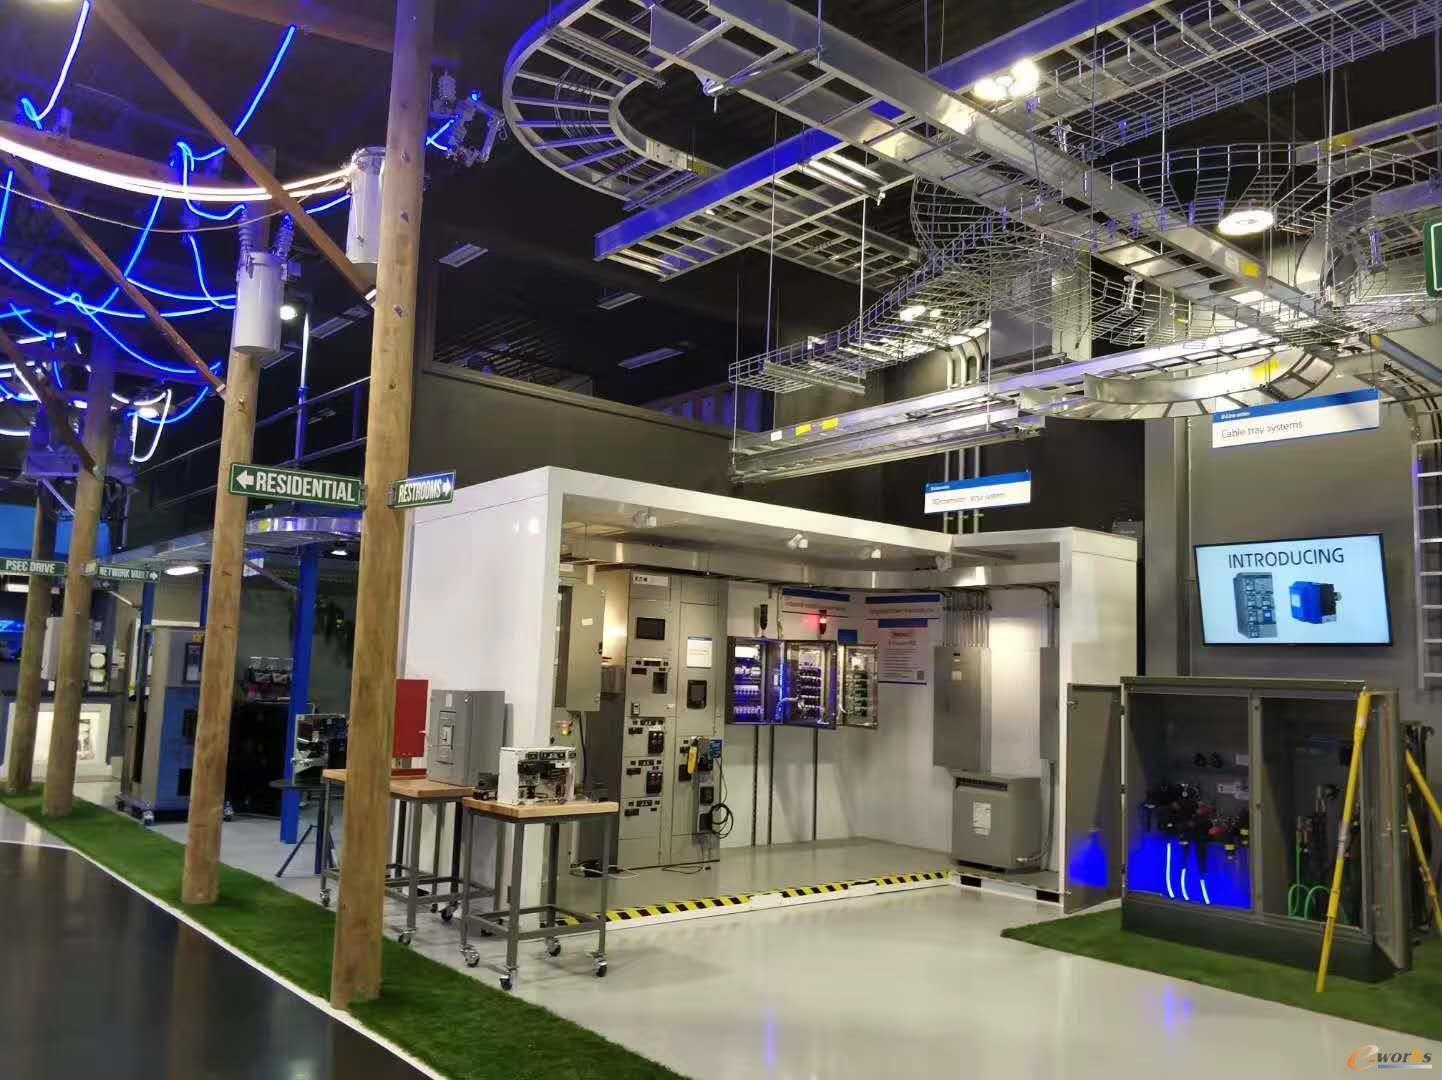 伊顿电气能源系统体验中心相关应用场景展示(一)